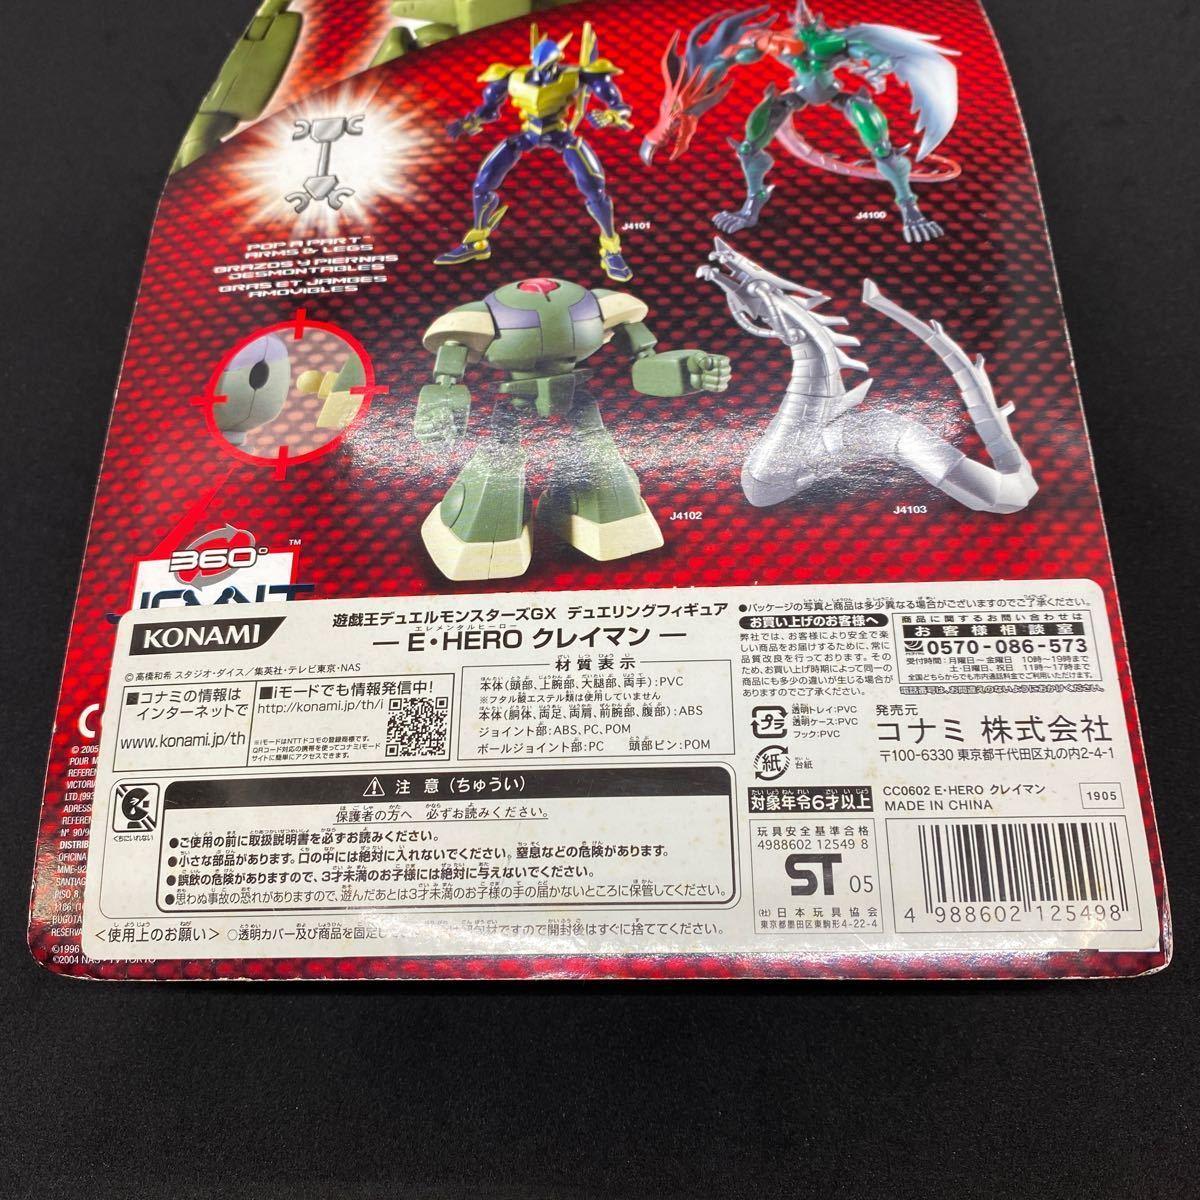 遊戯王デュエルモンスターGXデュエリングフィギュア エレメンタルヒーロー クレイマン_画像5